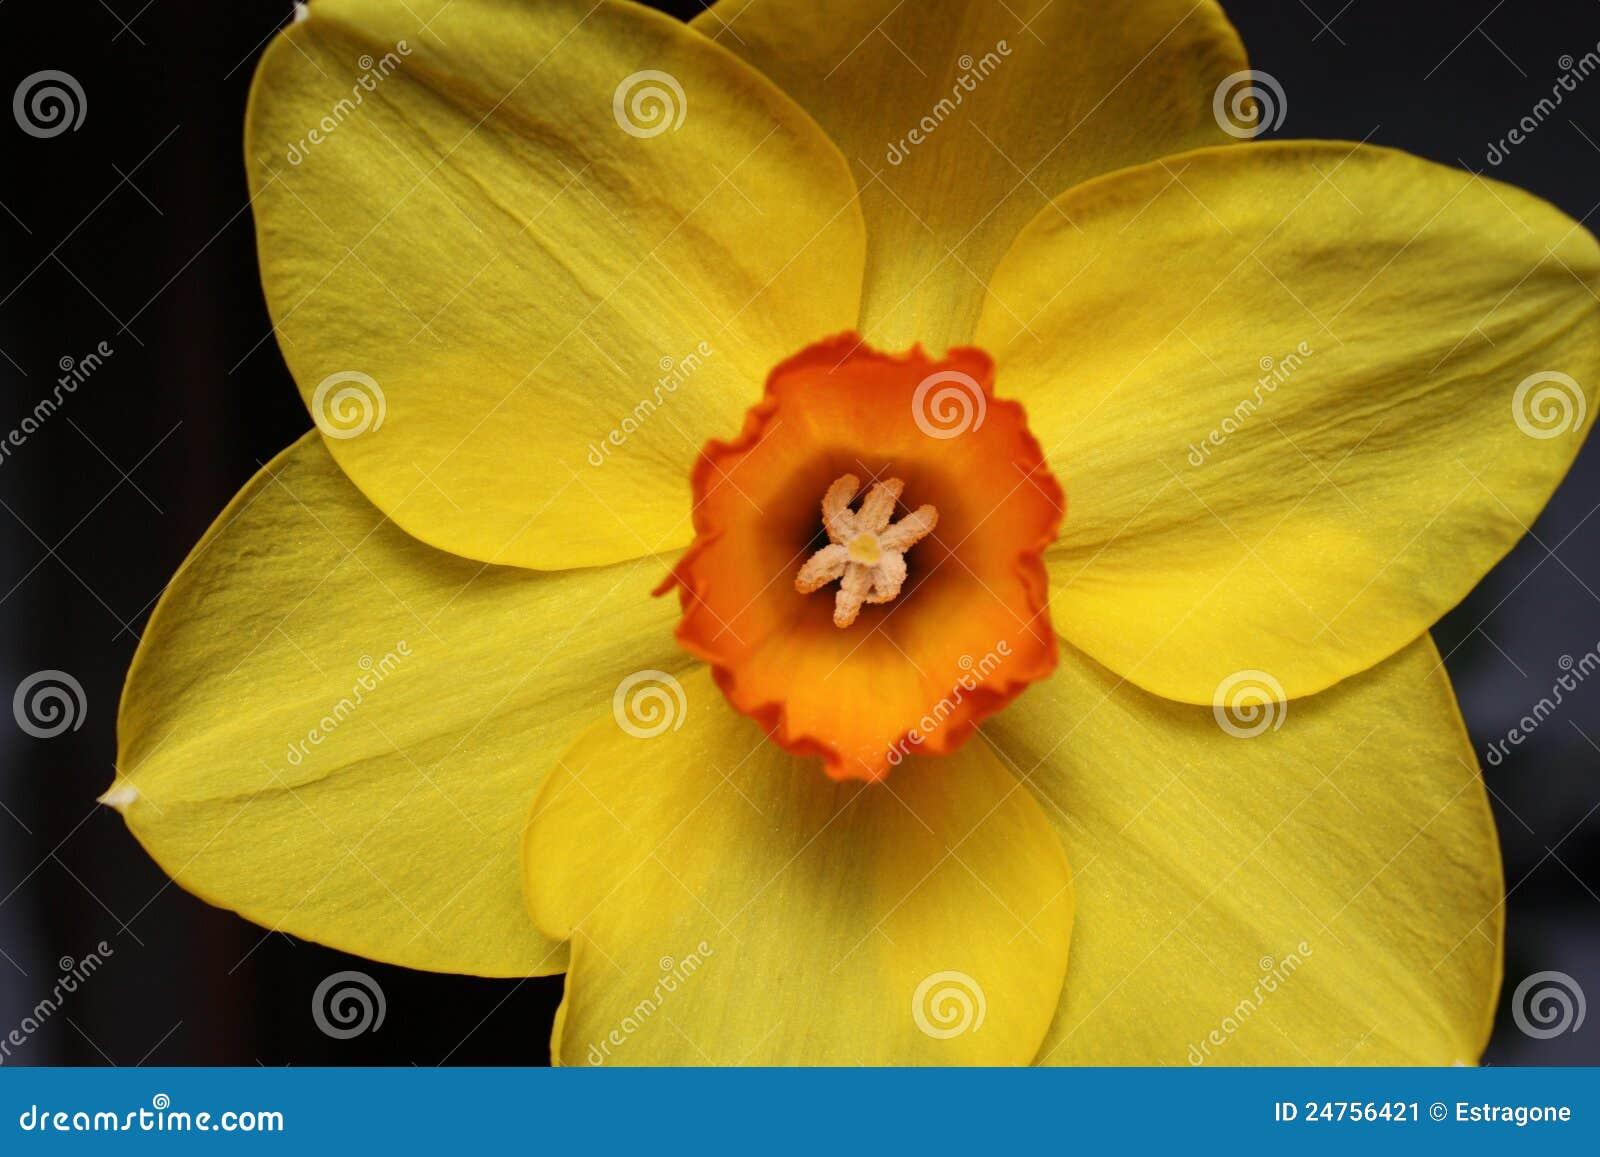 Fiore giallo del narciso immagine stock immagine di for Narciso giallo